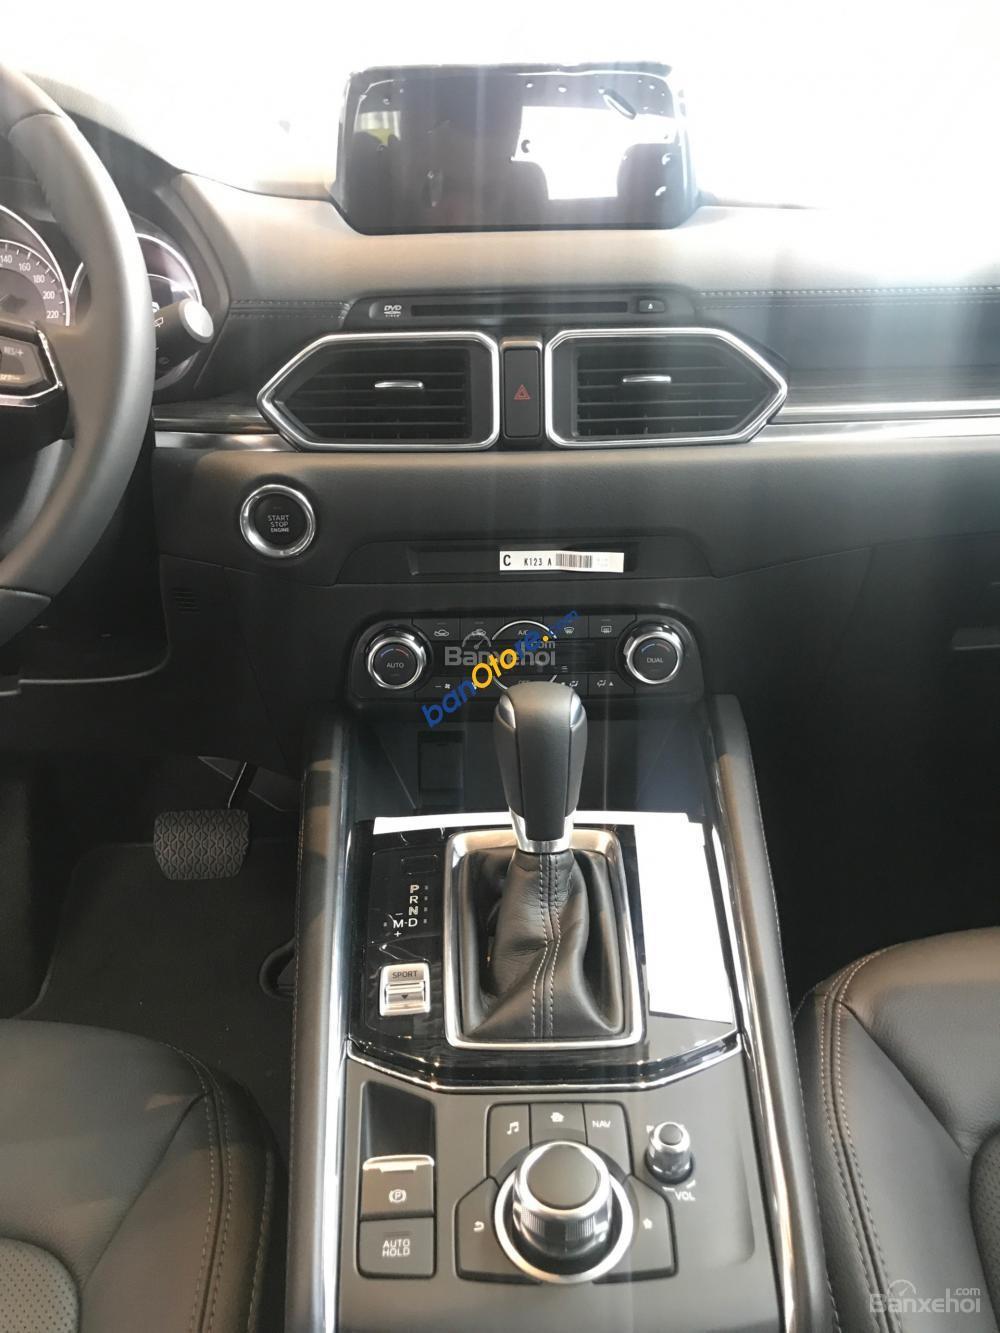 Mazda Bình Tân - Mazda CX -5 2018 đủ màu, hỗ trợ vay trả góp 90% giá trị xe, giao xe ngay, LH 0909 272 088